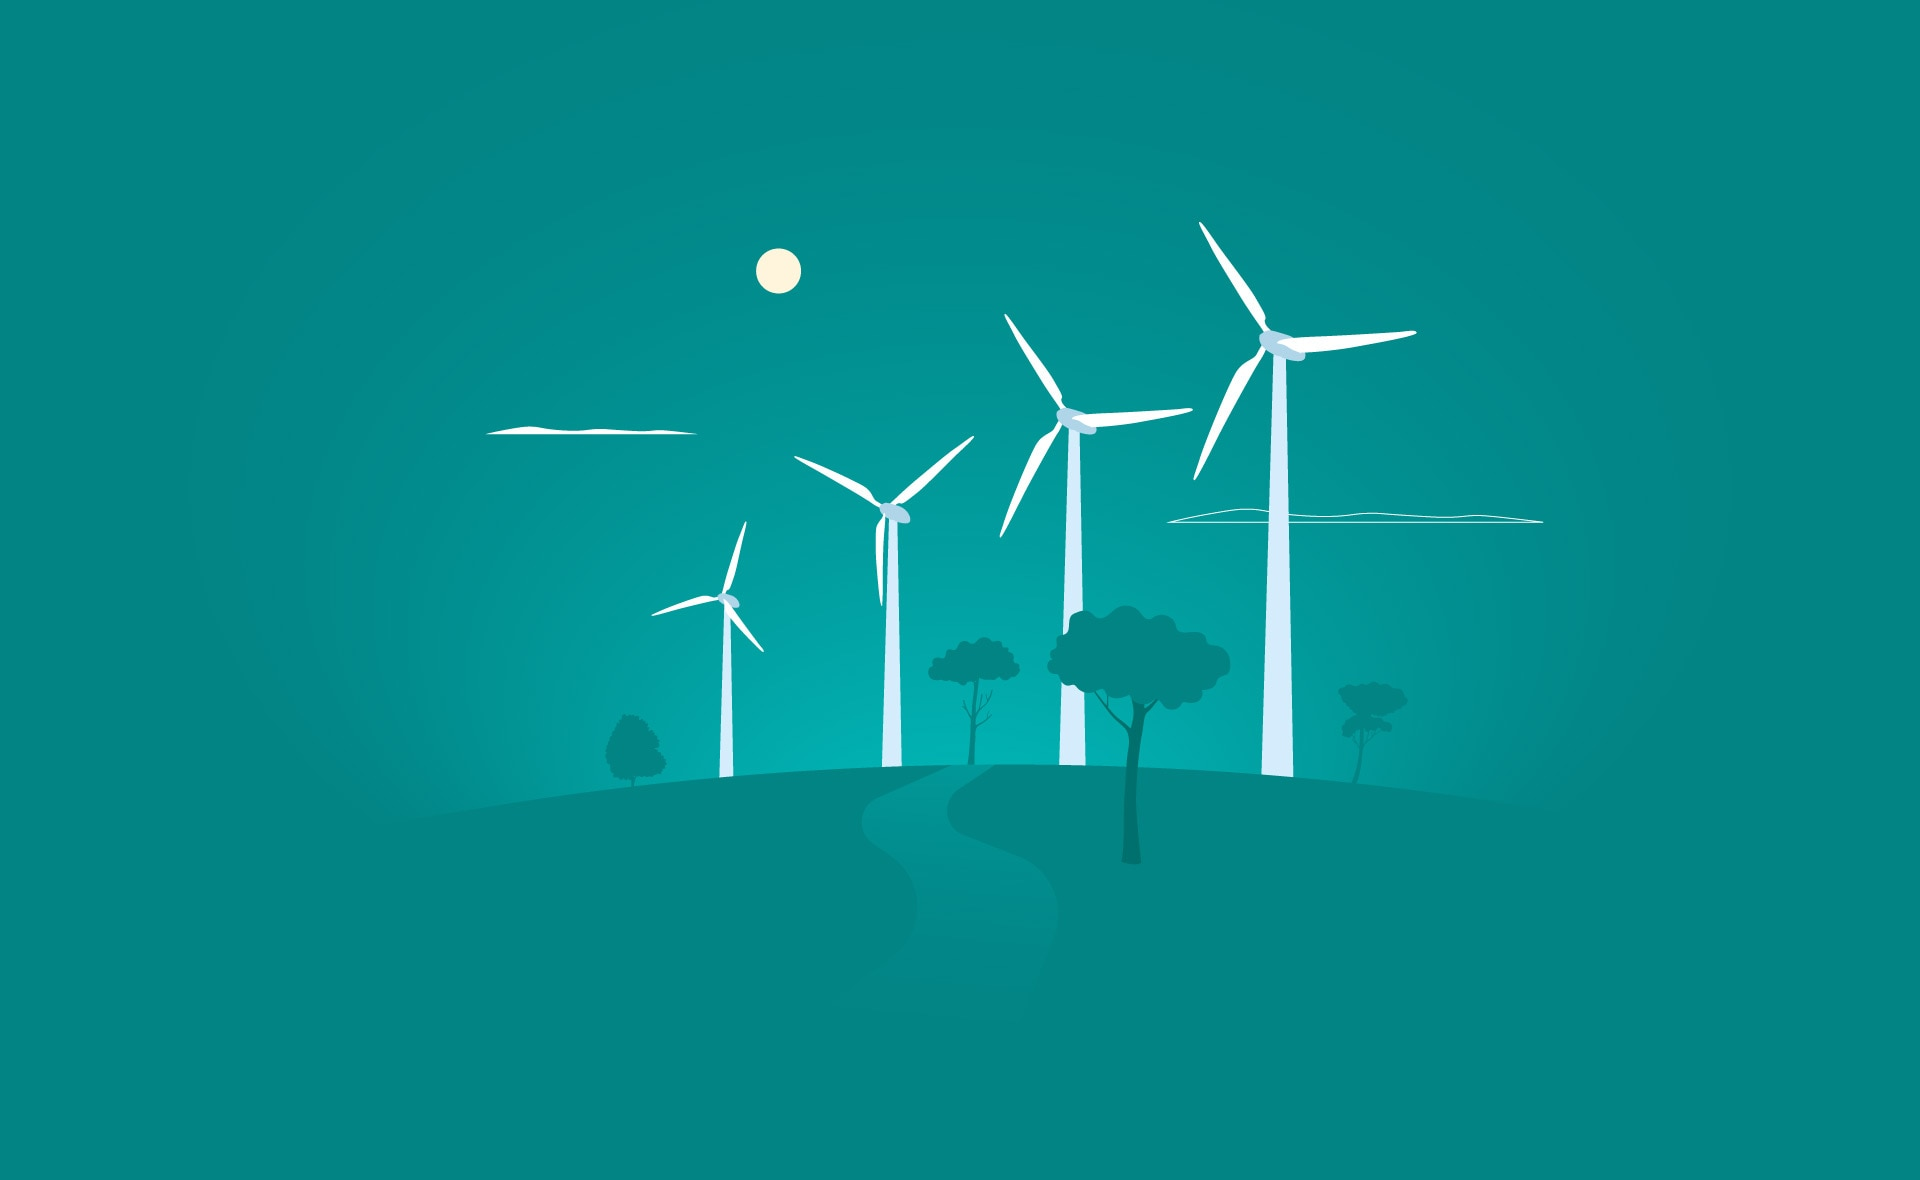 finanzas_verdes_sostenibles-molinos-sostenibilidad-energia-luz-solar-ahorro-cuidado-planeta-medioambiente